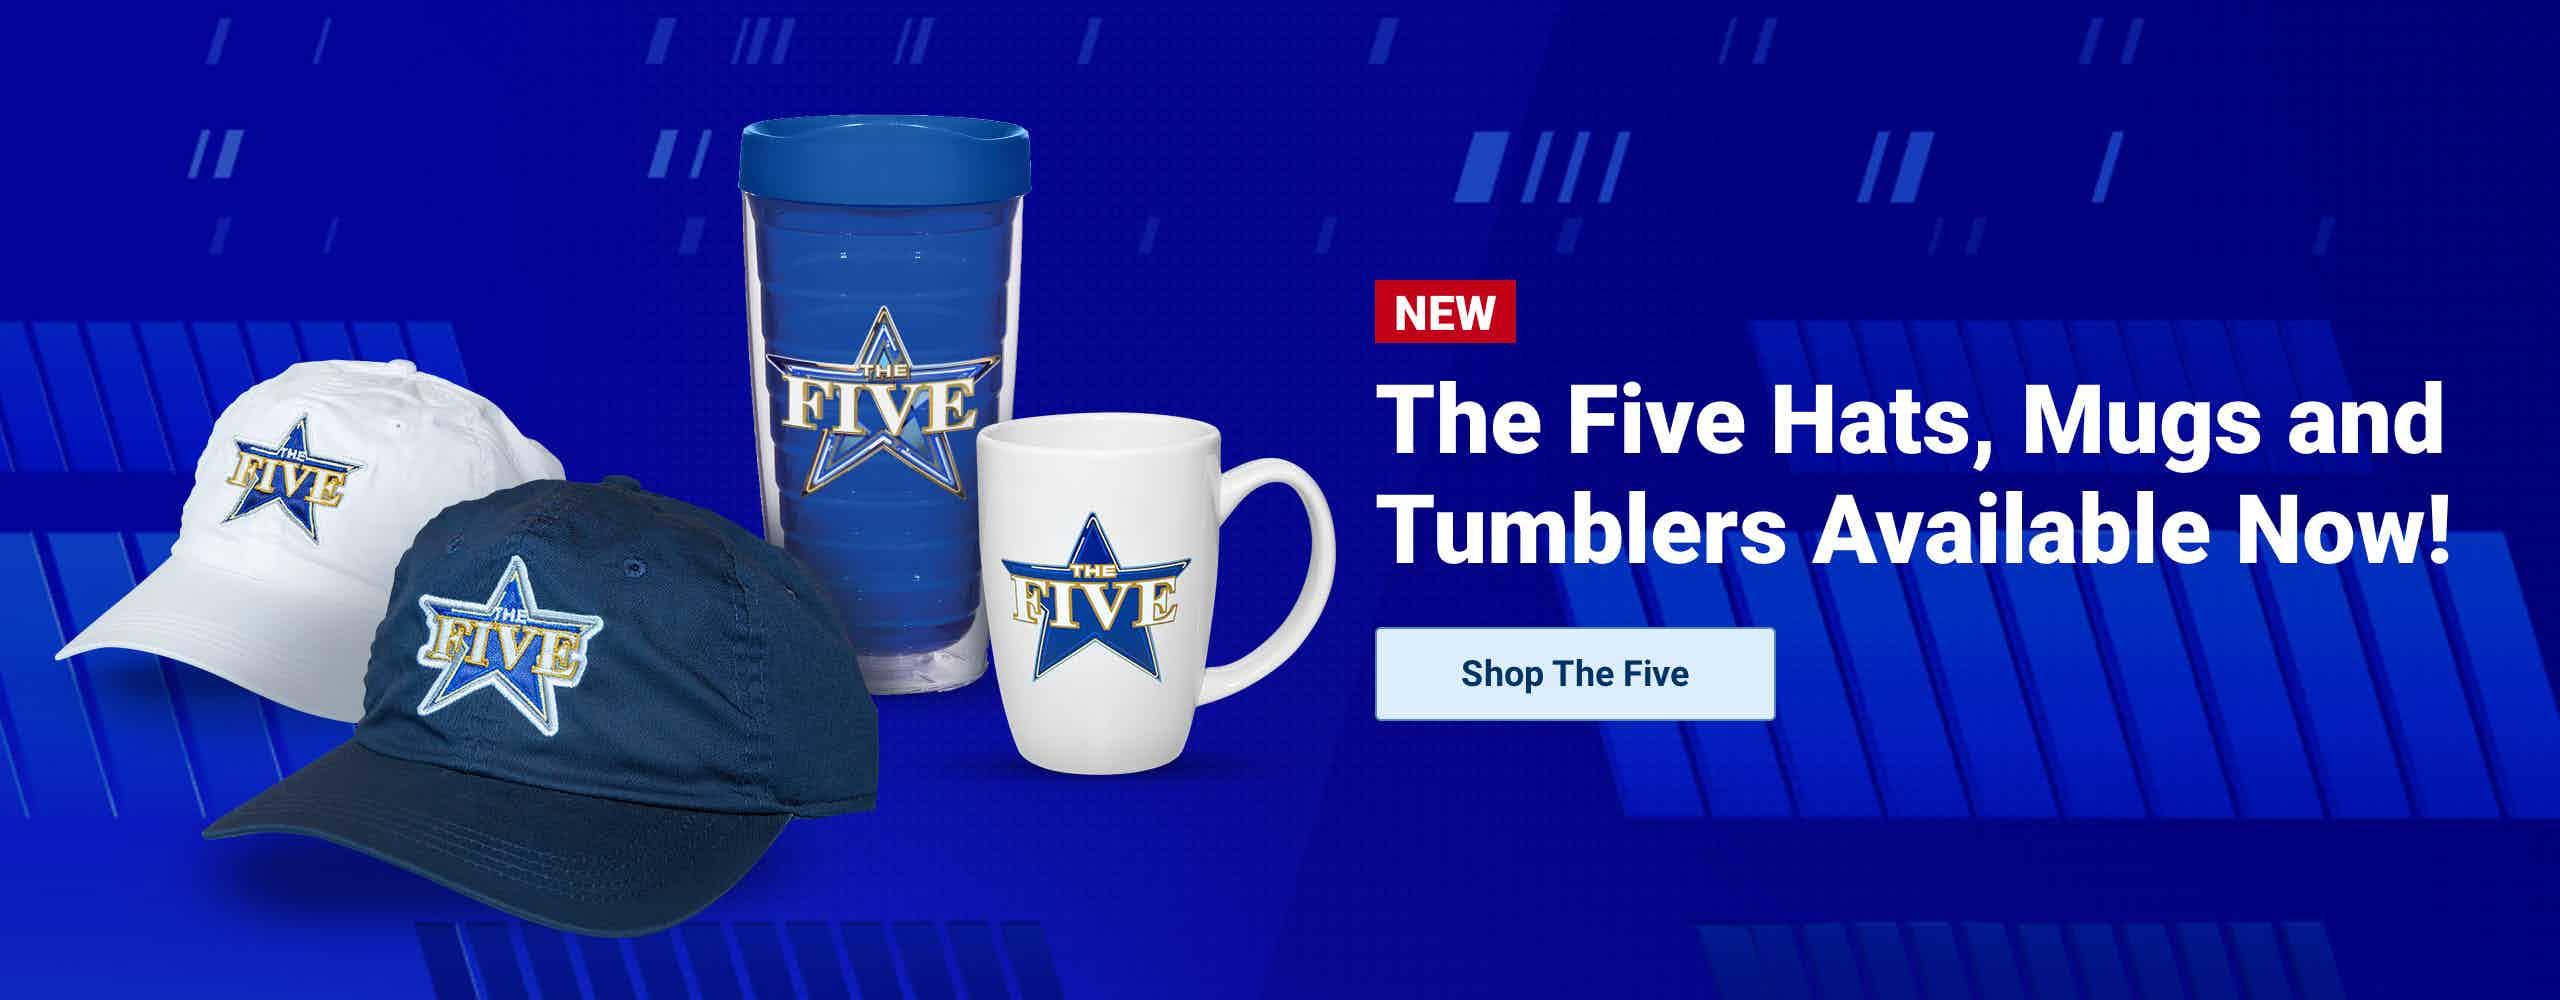 Shop The Five